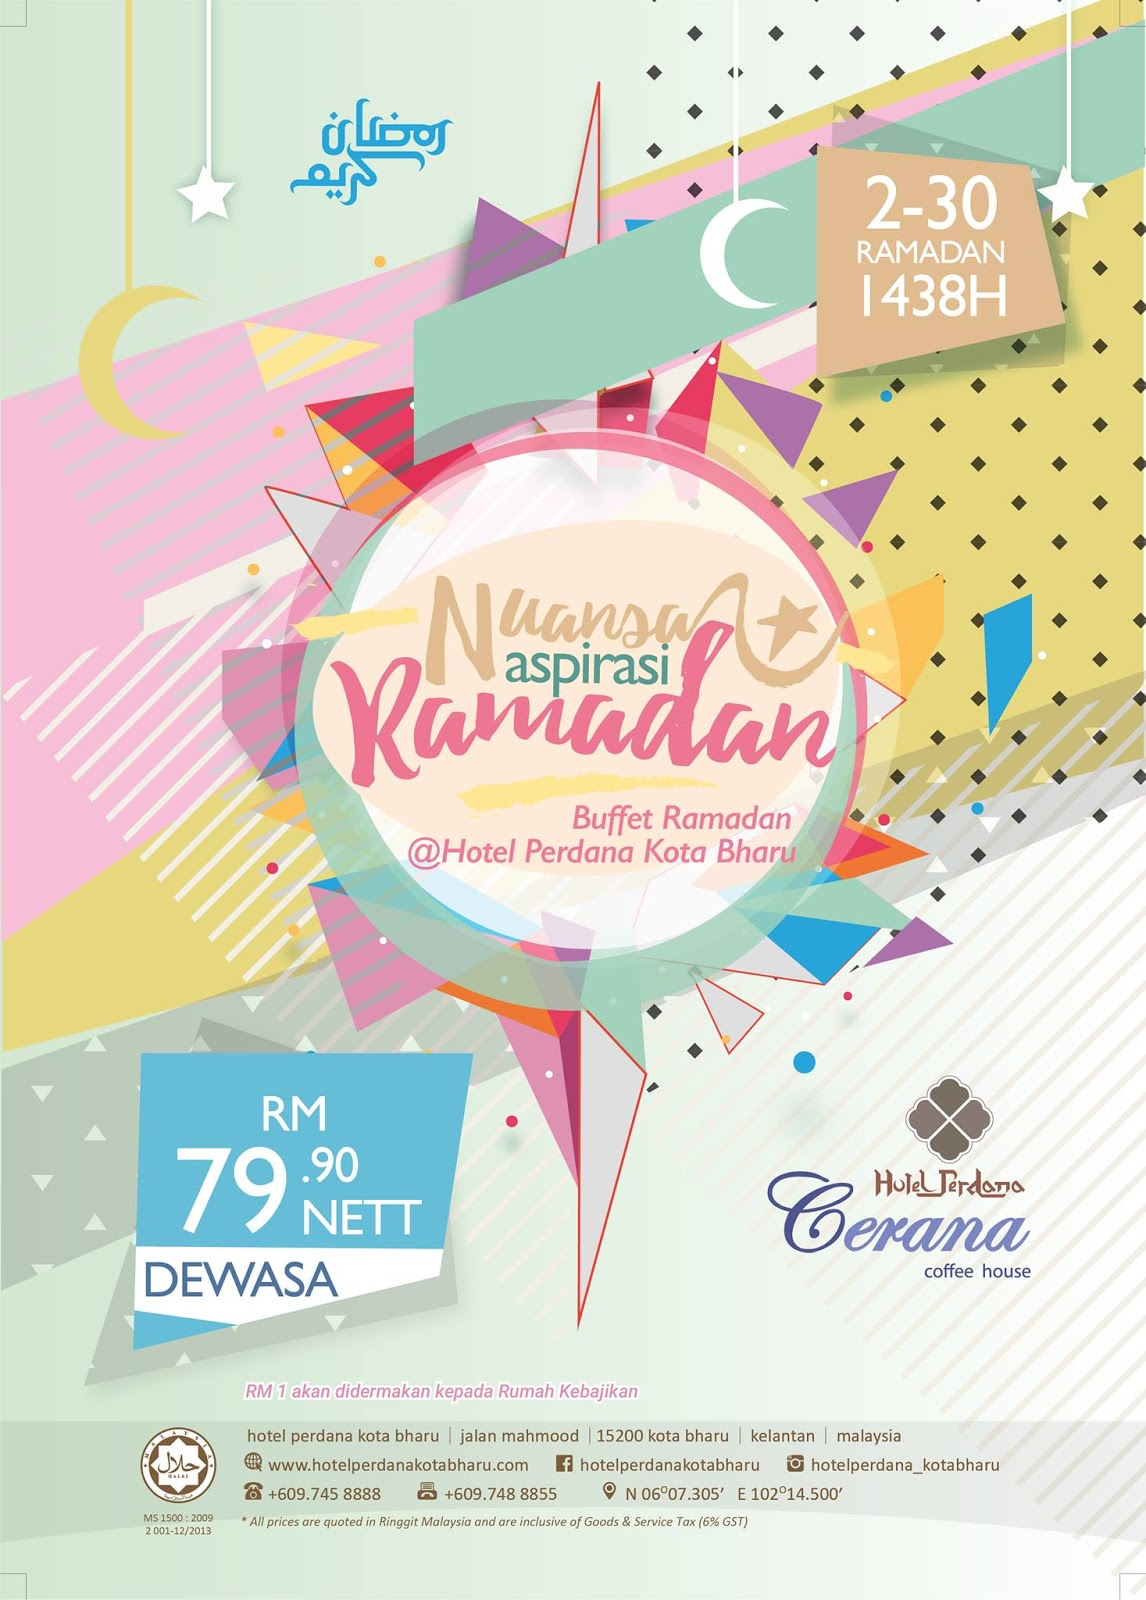 kelantan hotel perdana kb ramadhan buffet